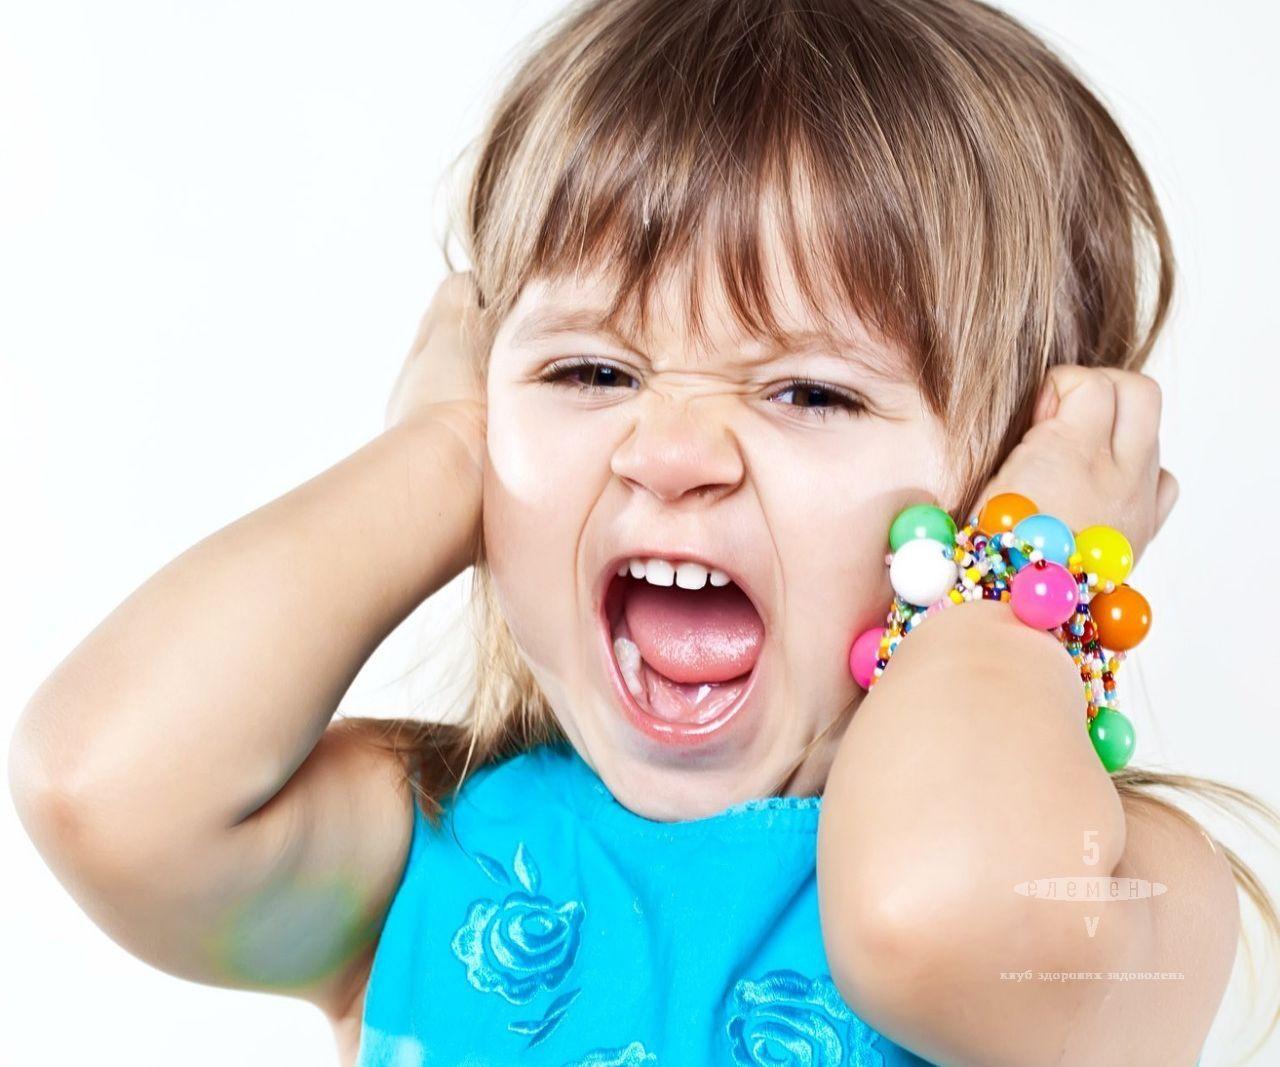 Детские истерики — элитный семейный Фитнес-центр 5 Элемент